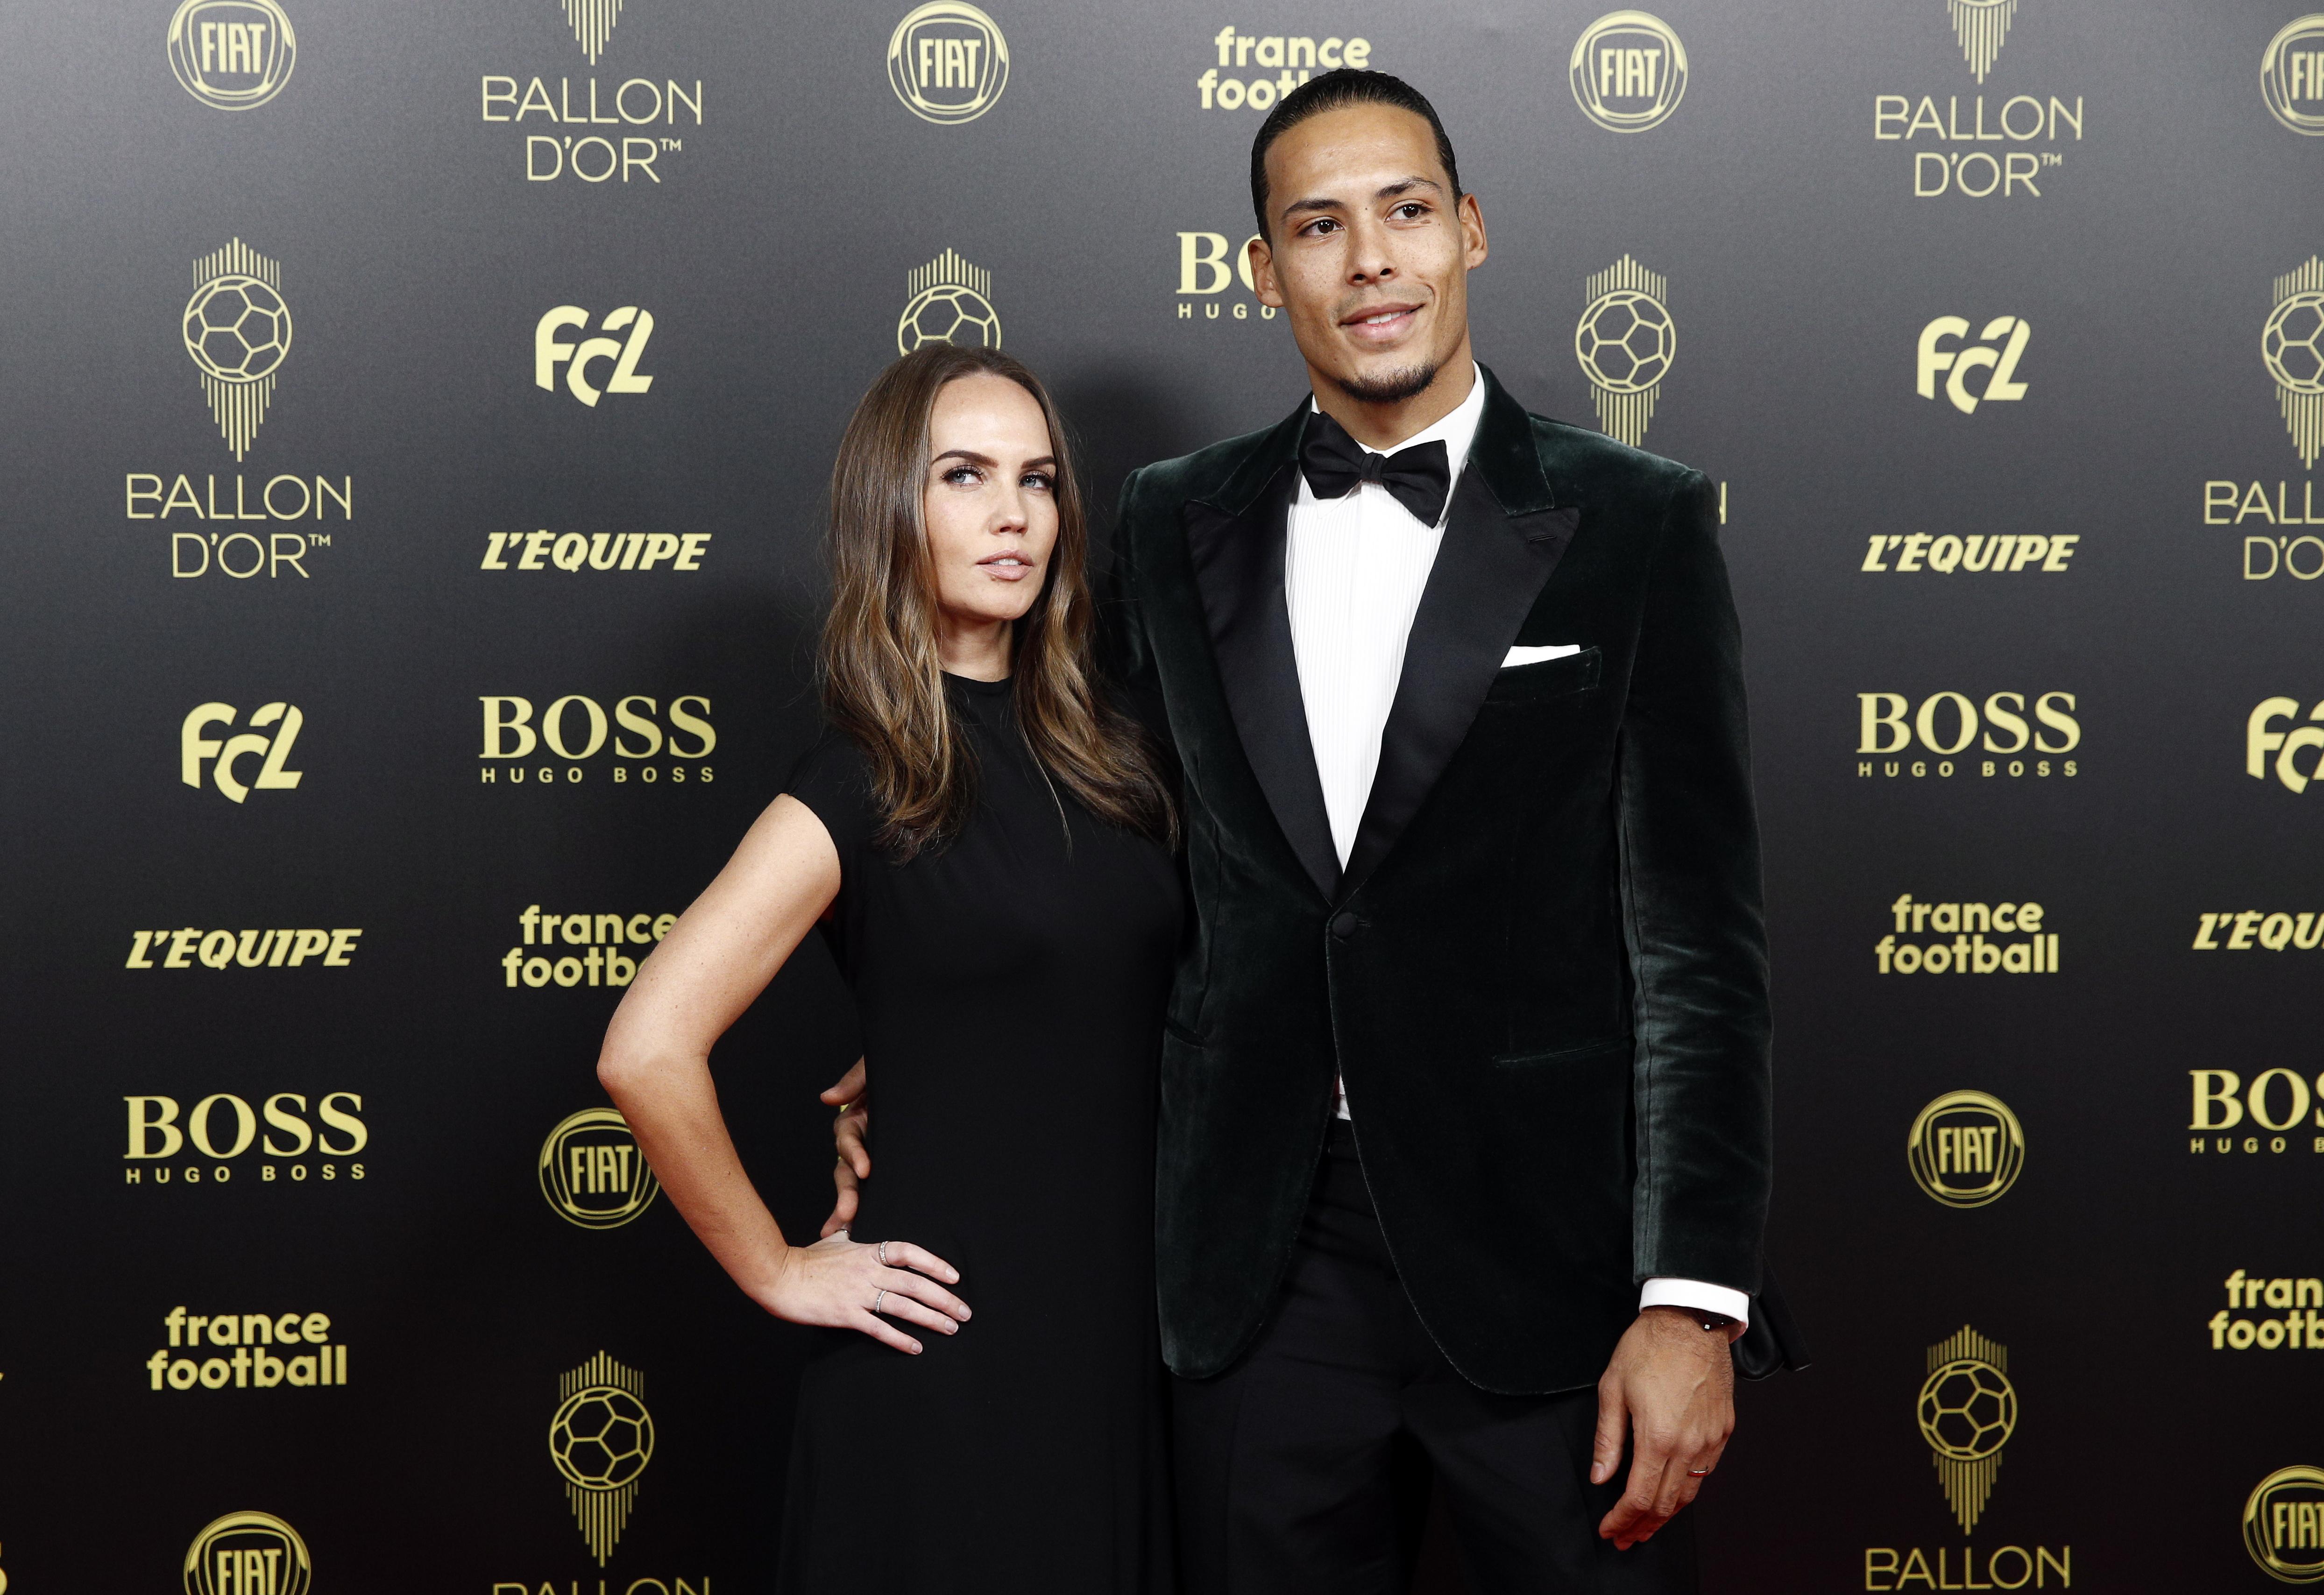 BALLON D'OR gala 2019, best geklede voetballers, virgil van dijk